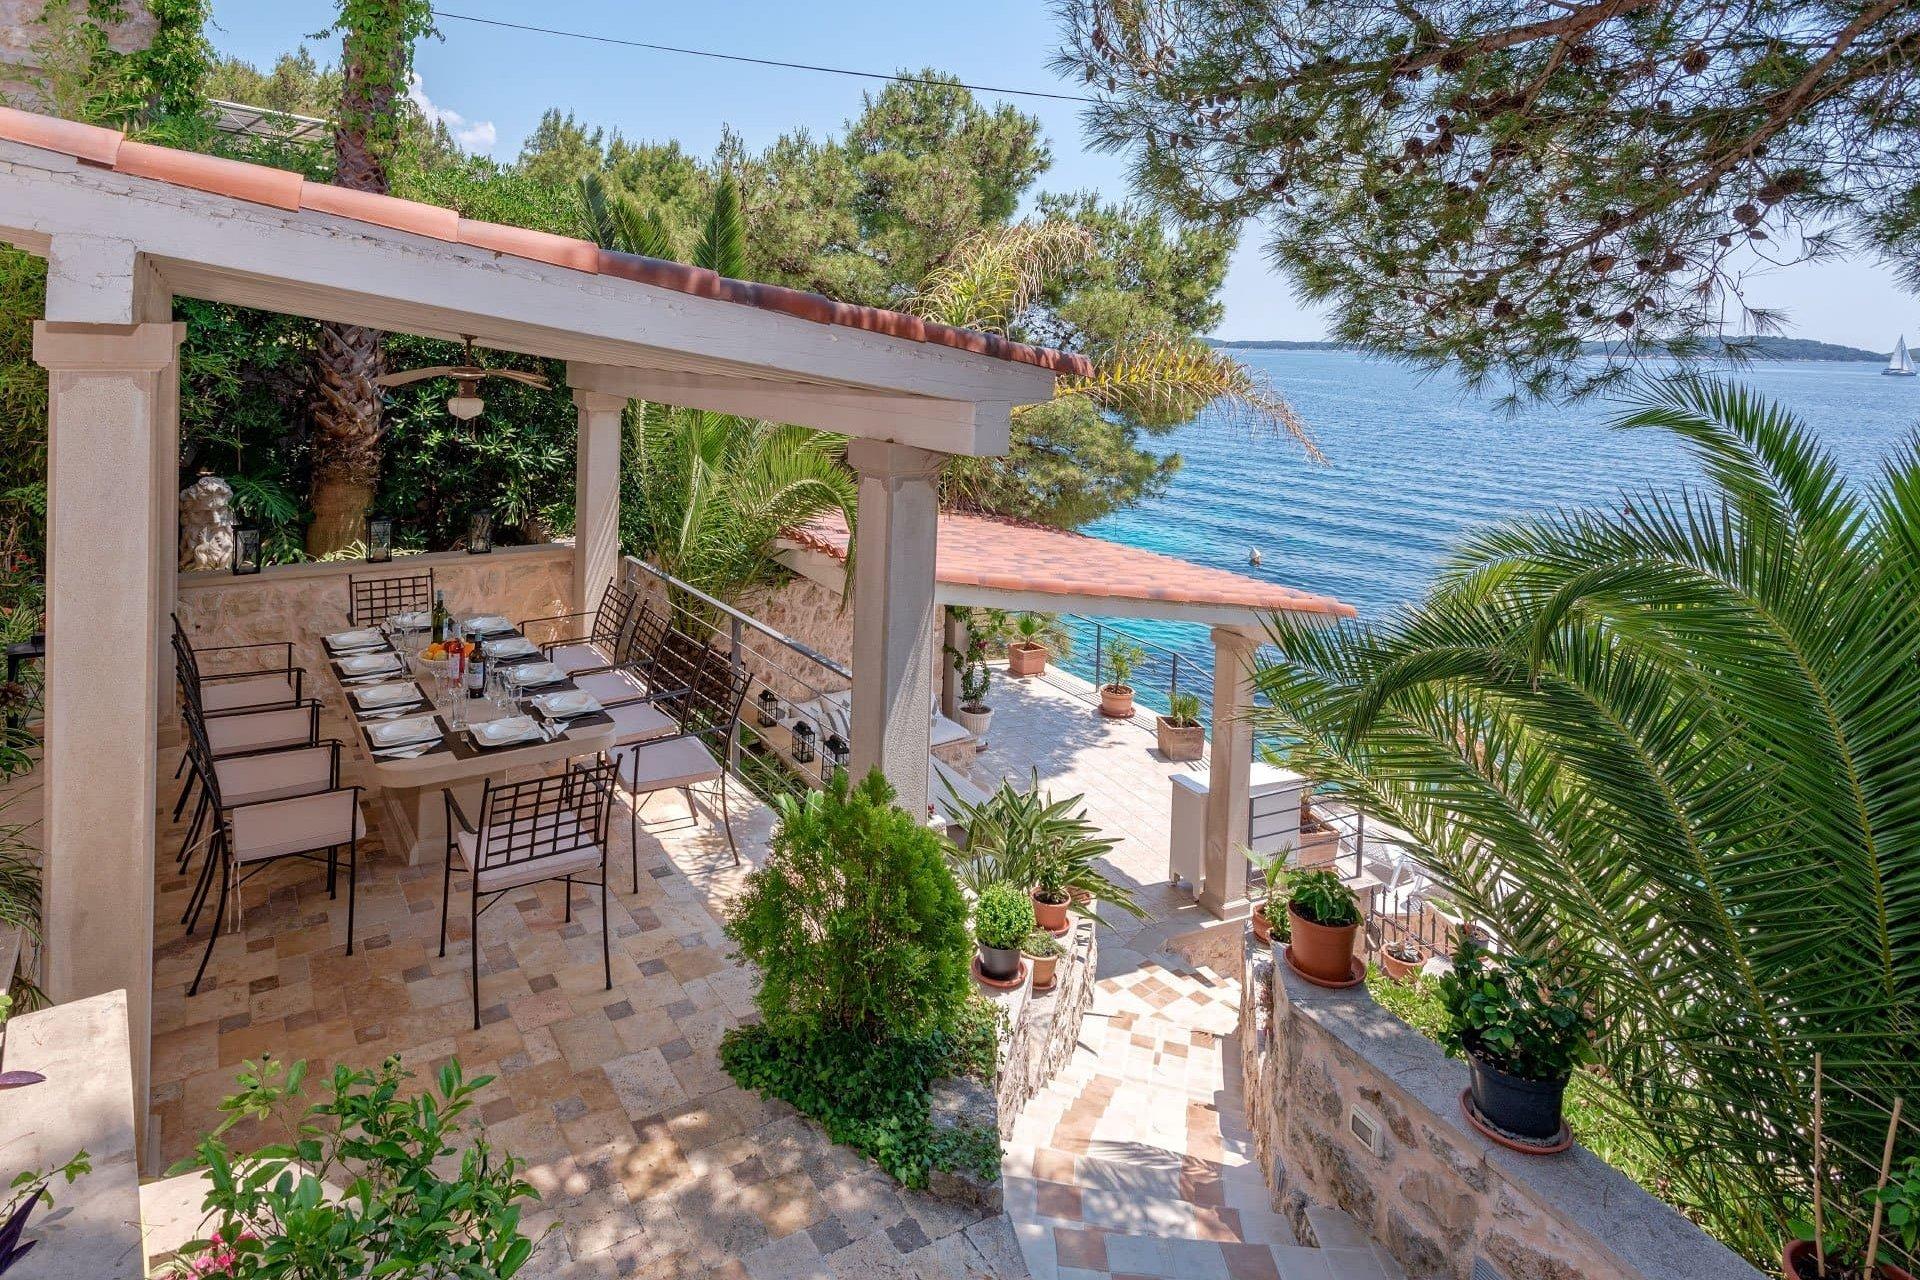 Uw vakantie begint hier... <br>Meer dan 600 vakantiewoningen in Kroatië, Italië en Montenegro.